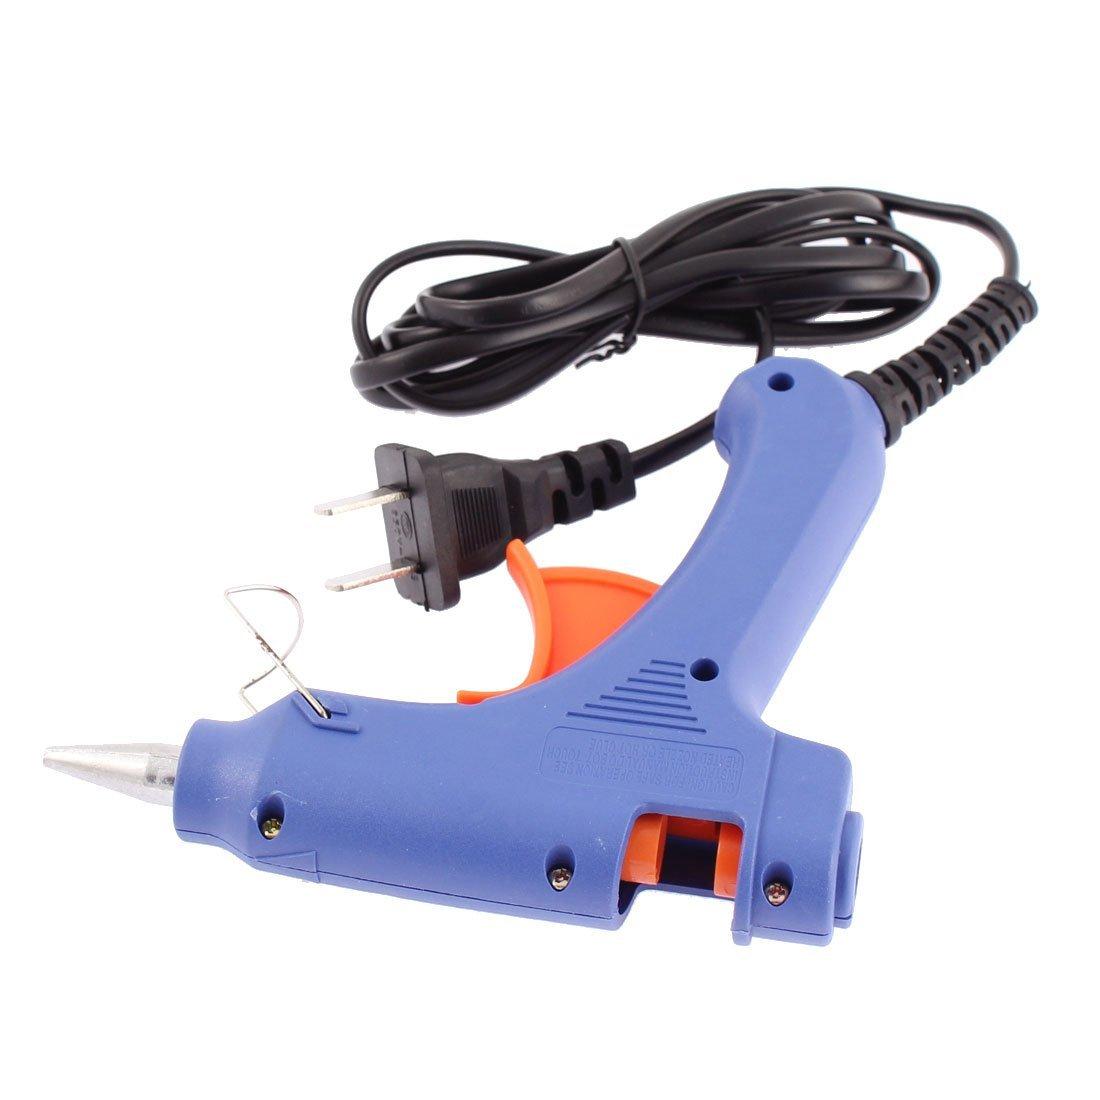 eDealMax HL-E US Plug 110-240V 50-60Hz 20W riscaldamento elettrico Hot Melt Glue Gun